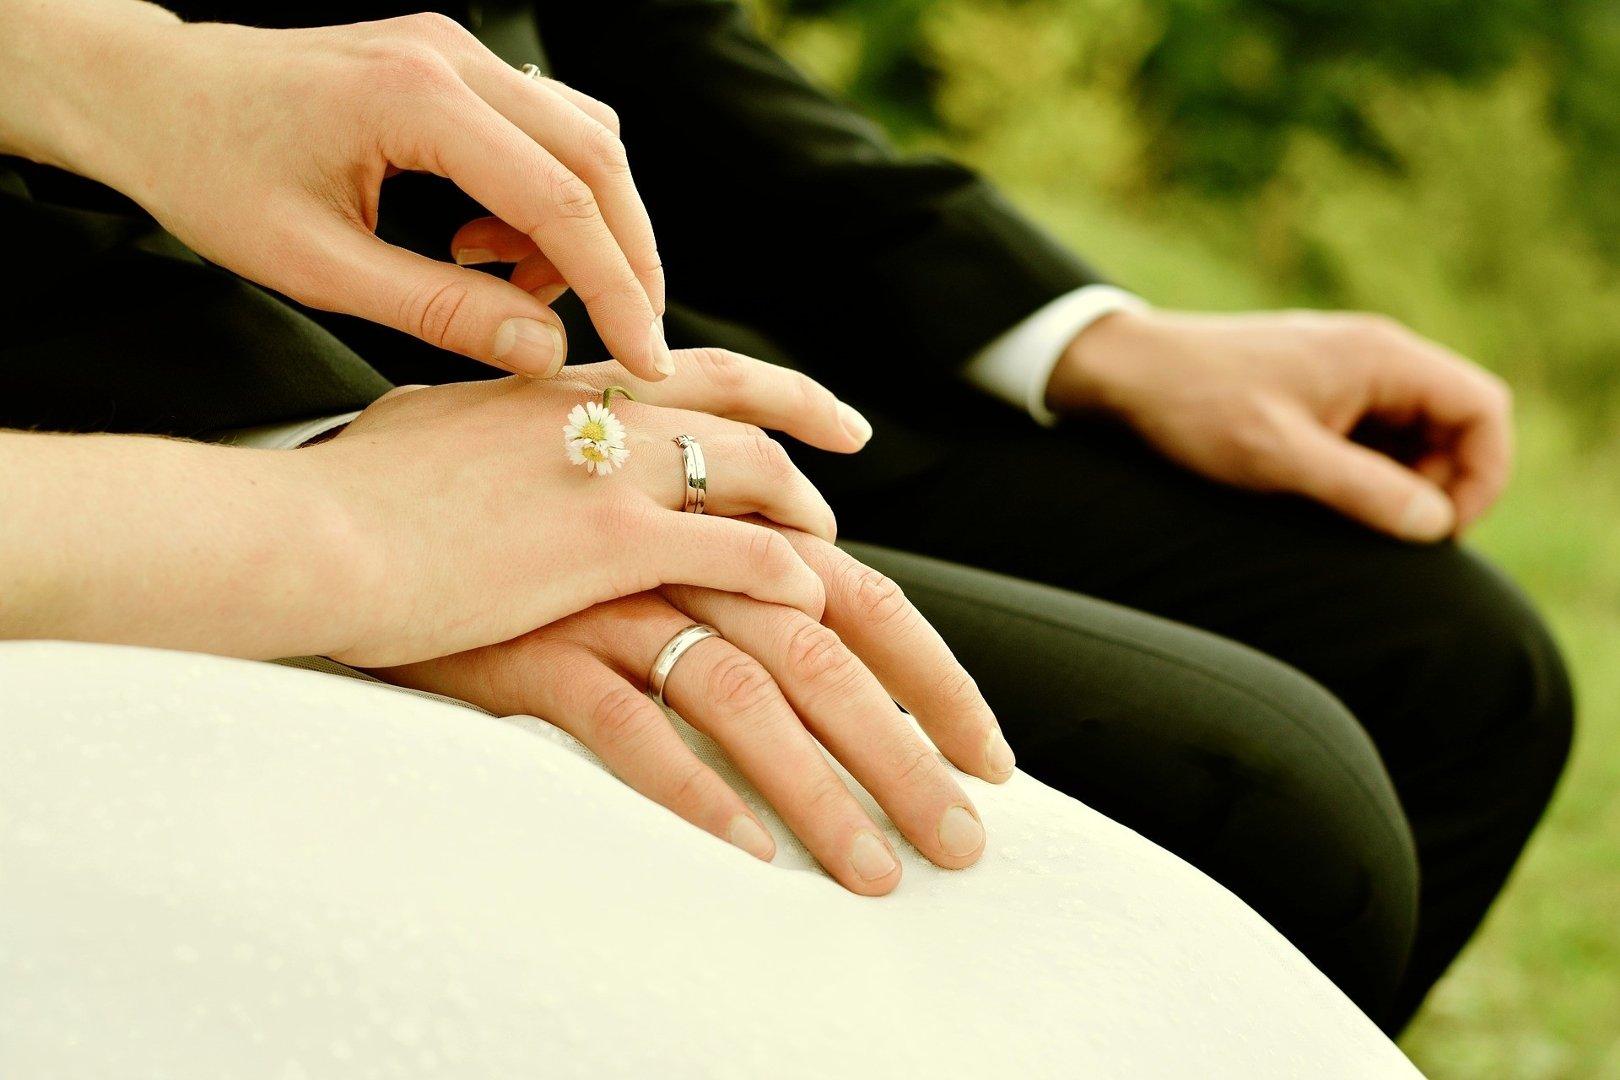 581c09ff6fd9d6 Ile dać na ślub? Koledze, koleżance, rodzinie, bratu, siostrze? Ile ...